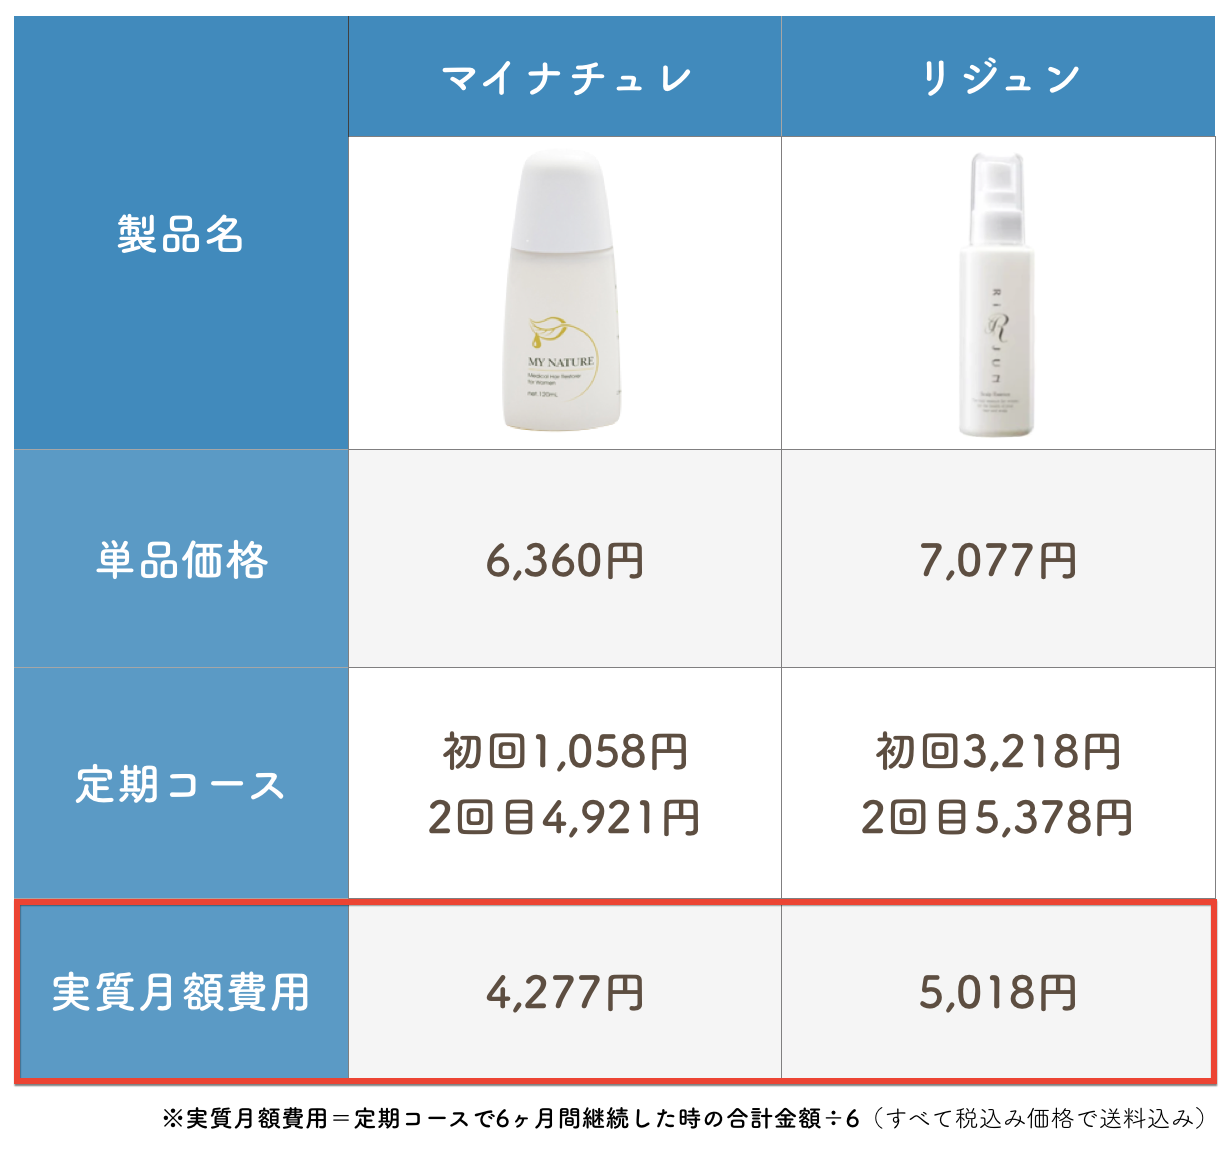 女性育毛剤を70種比較した図-5